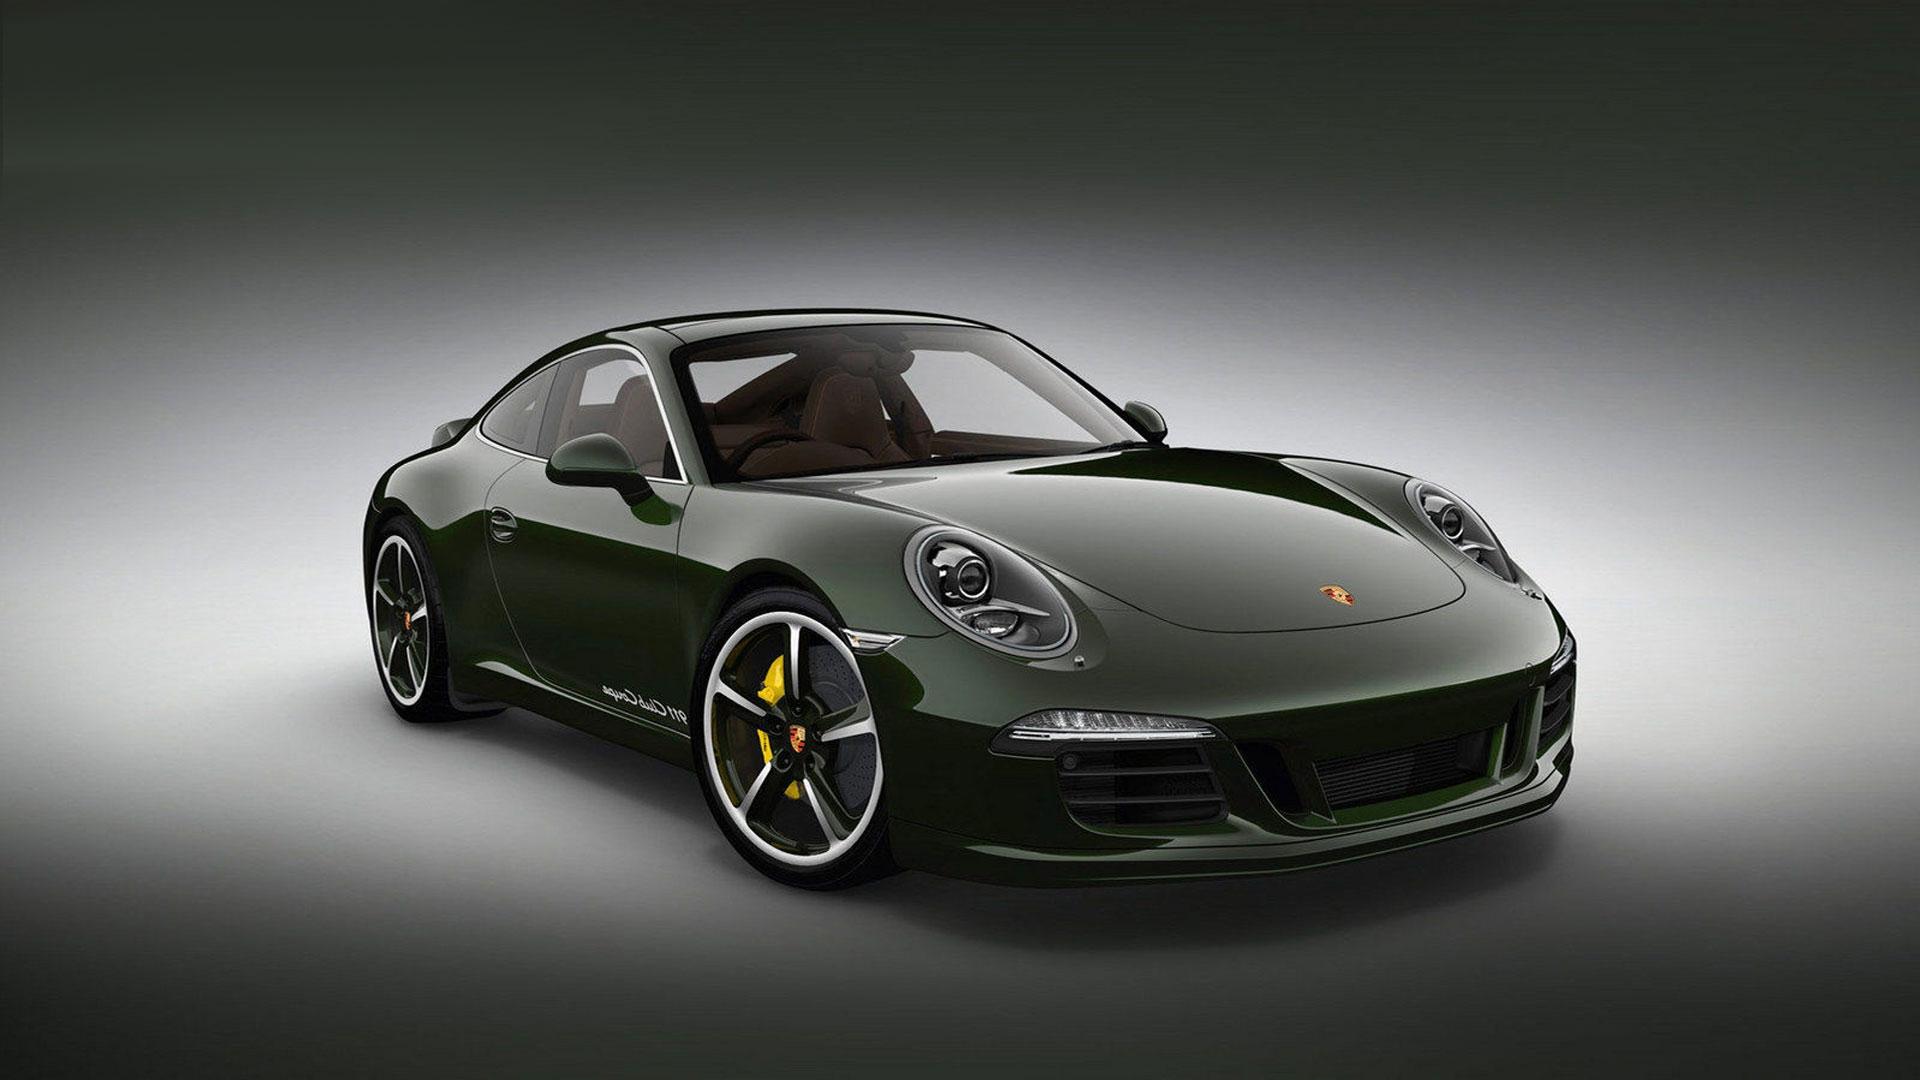 Porsche 911 High Definition Wallpapers